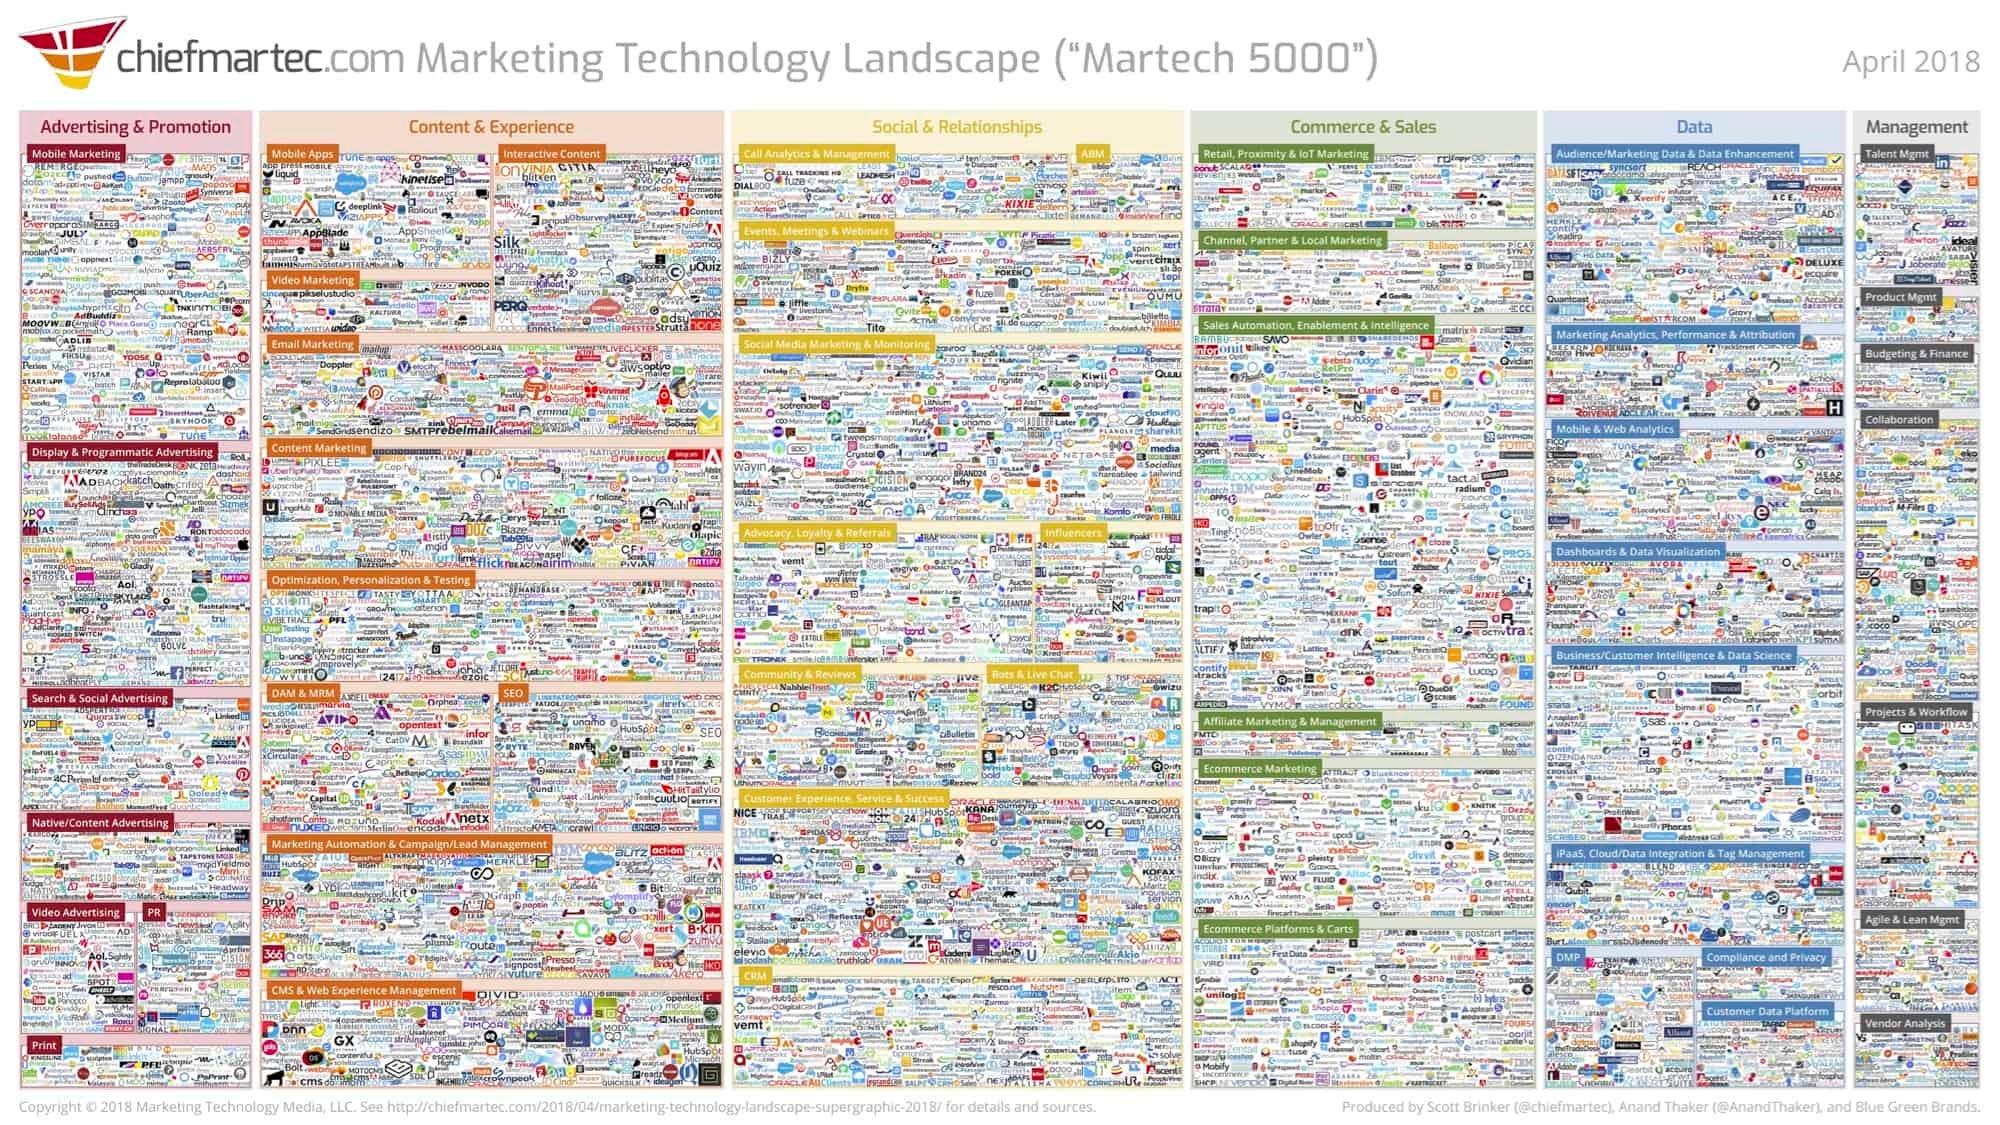 Marketing Technology Landscape_Andy Raskin